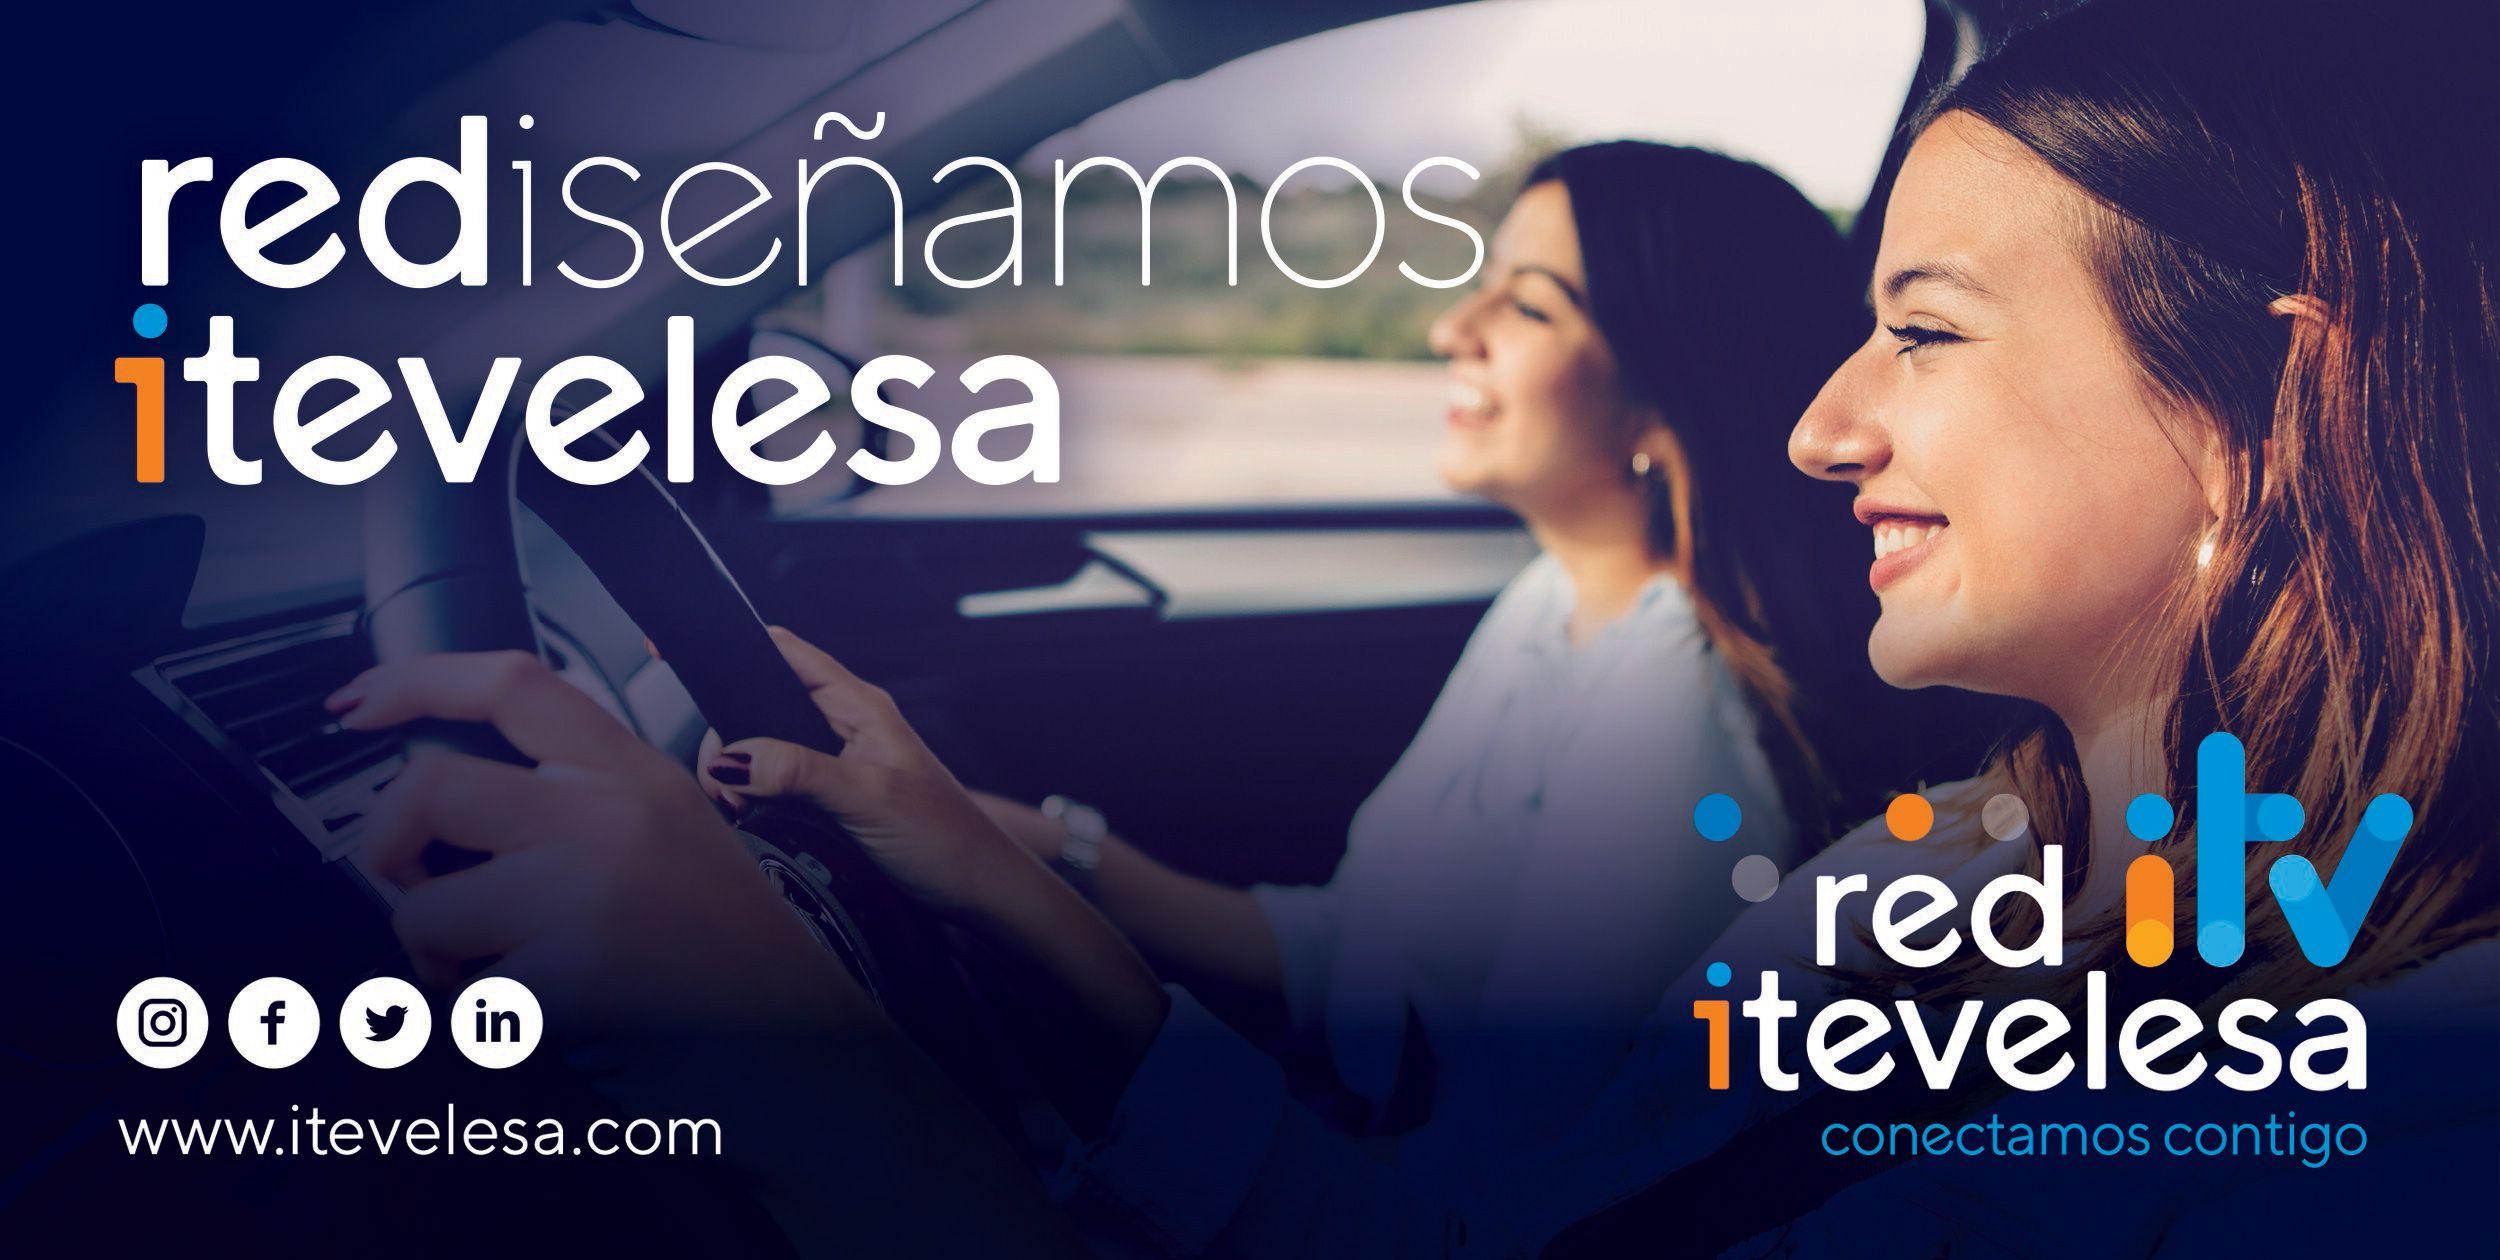 Grupo Itevelesa rediseña su imagen con un profundo cambio de marca